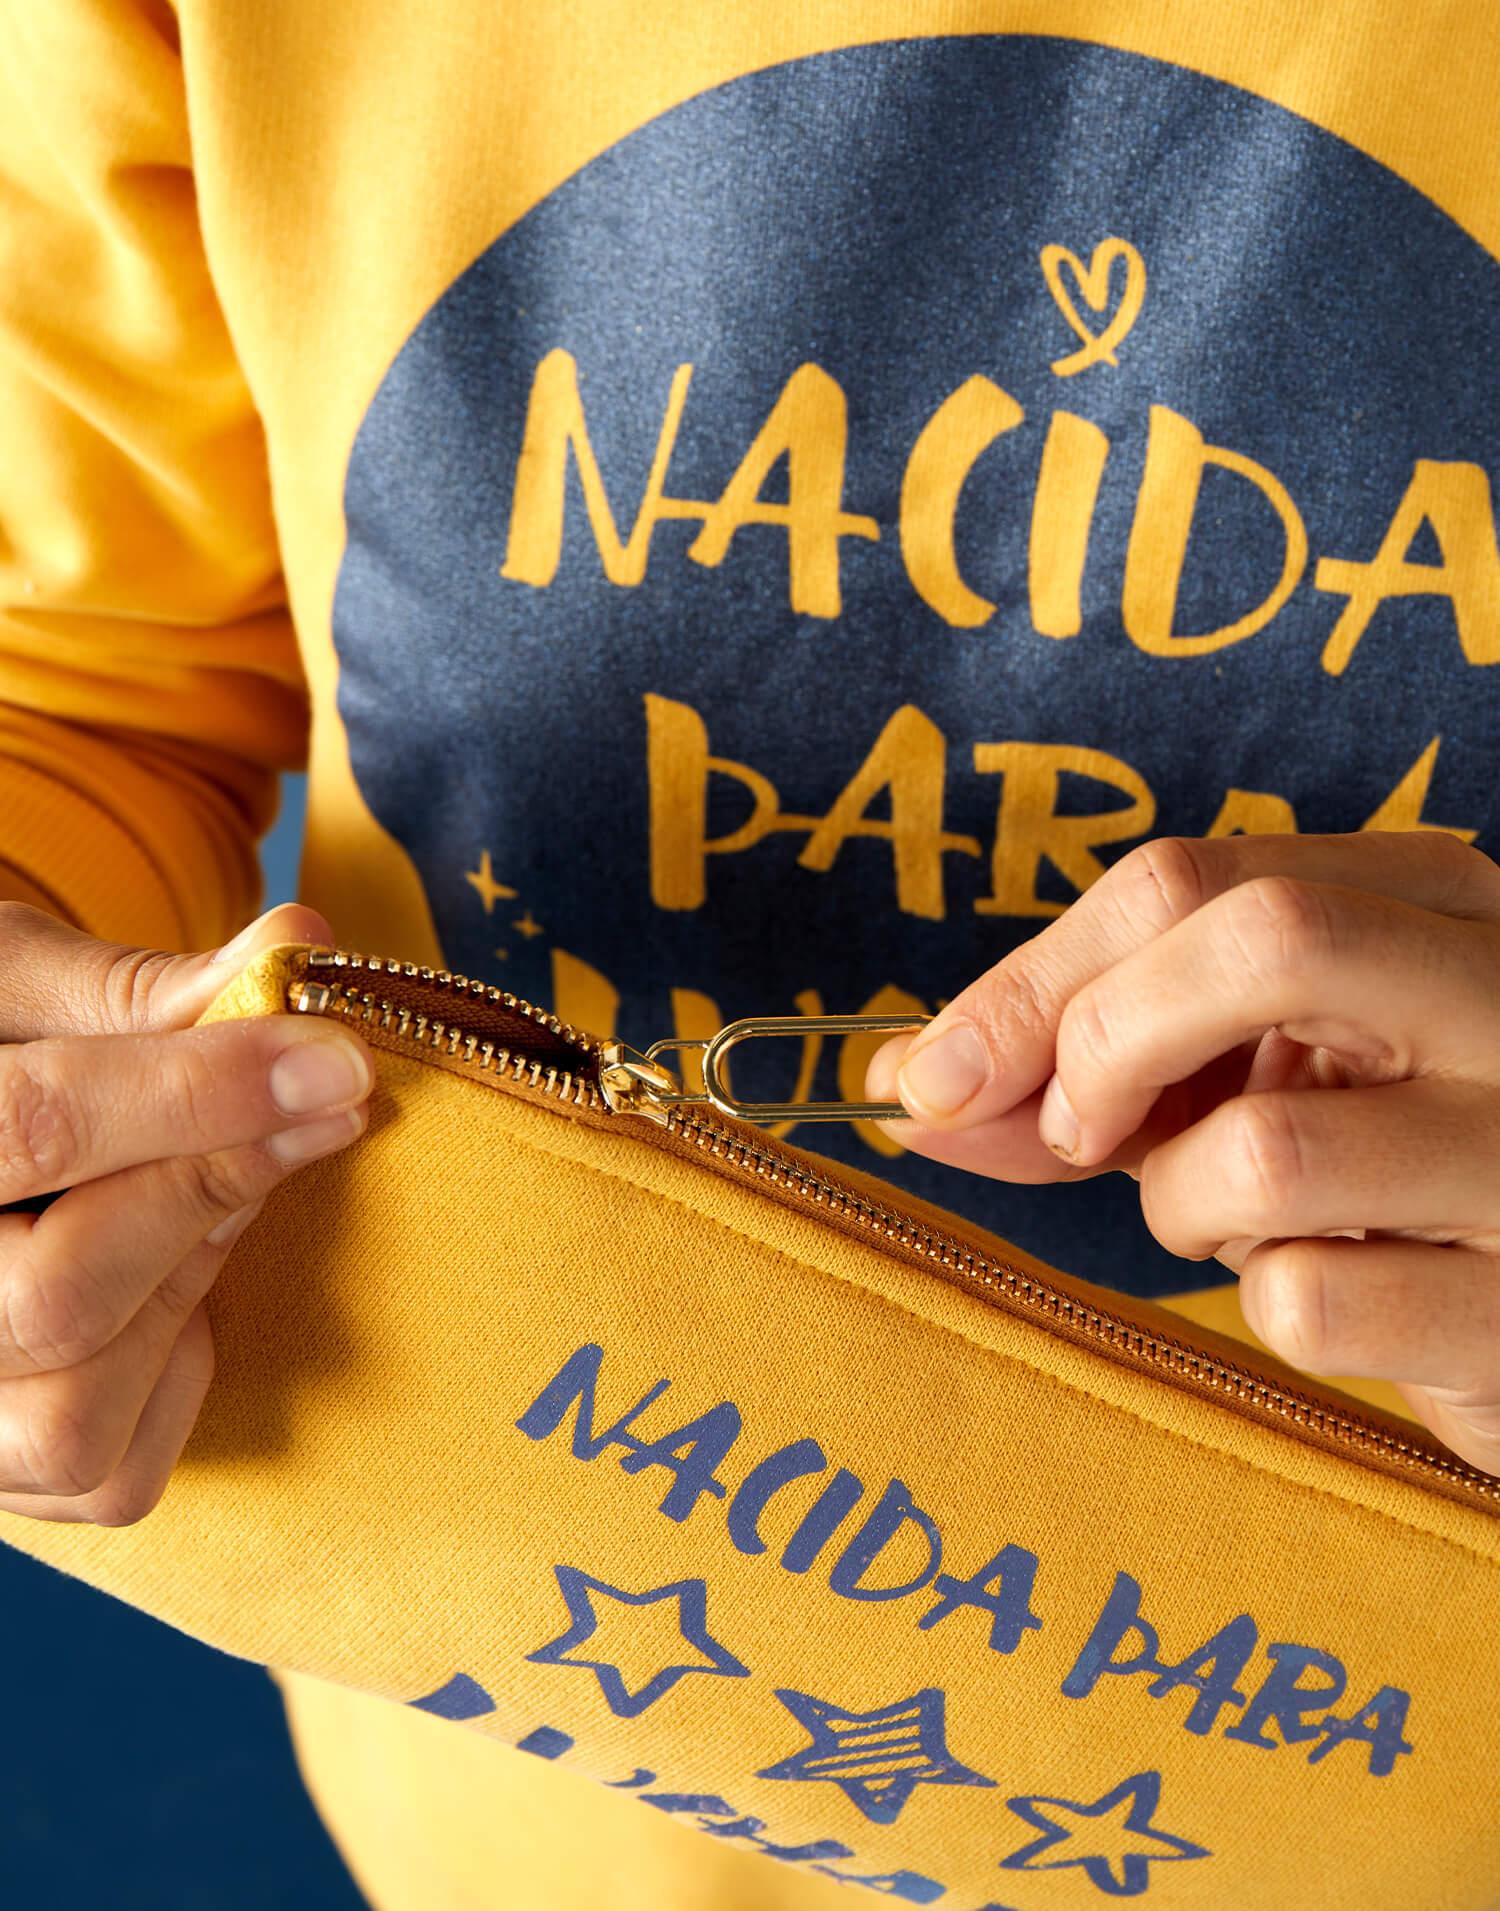 Bolso de mano 'Nacida para Luchar'